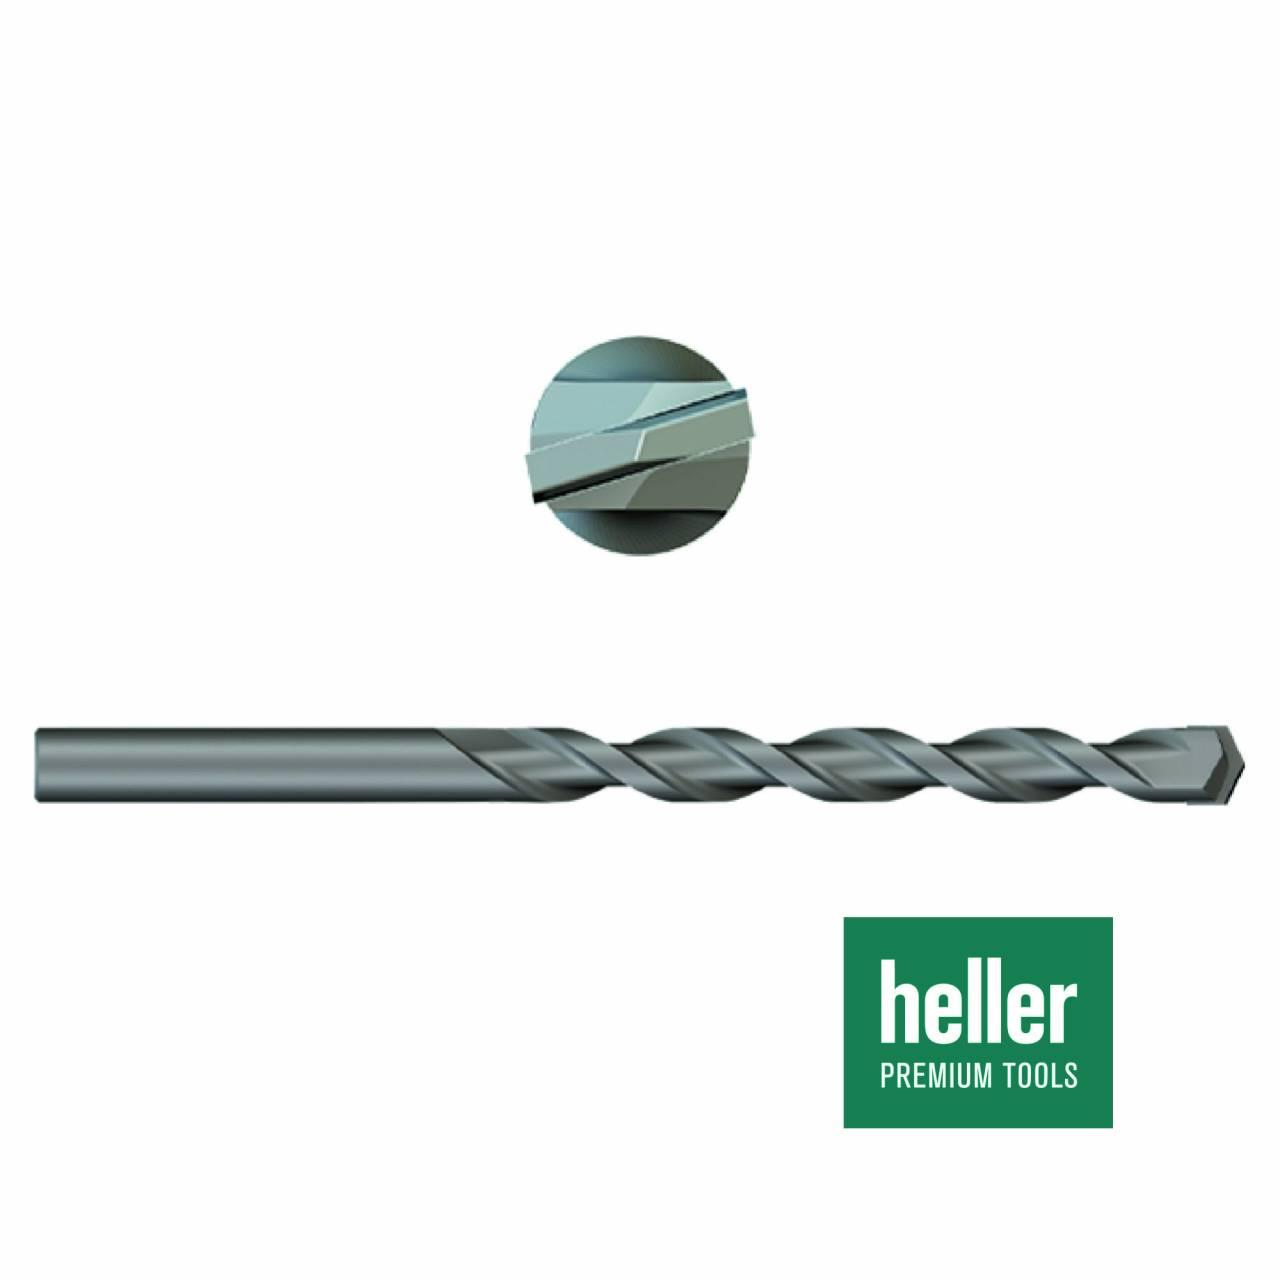 Betonbohrer 'Heller®' Ø 5 x 50 x 90 mm